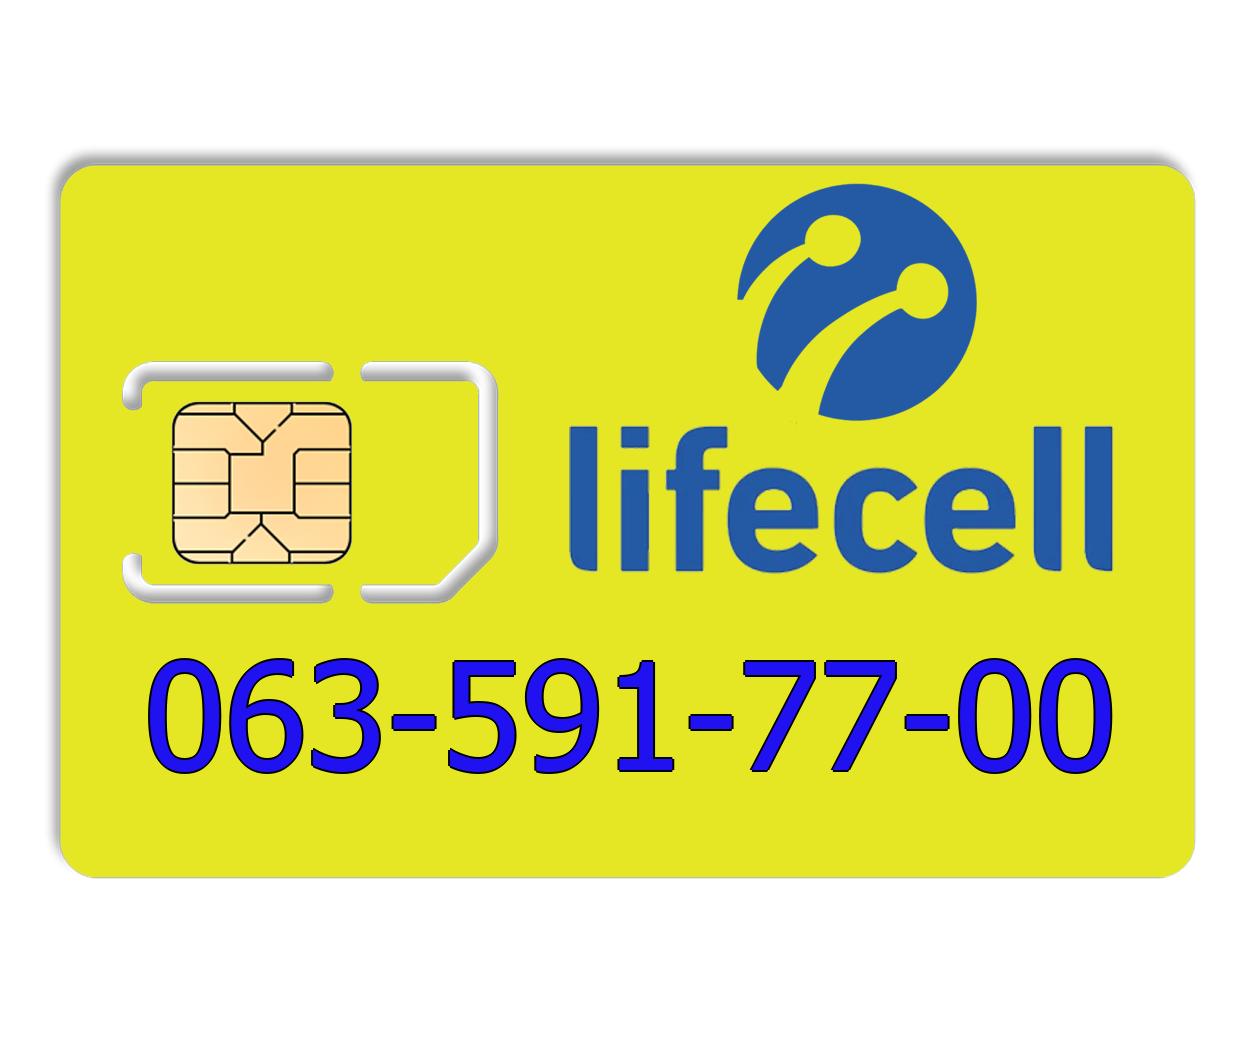 Красивый номер lifecell 063-591-77-00